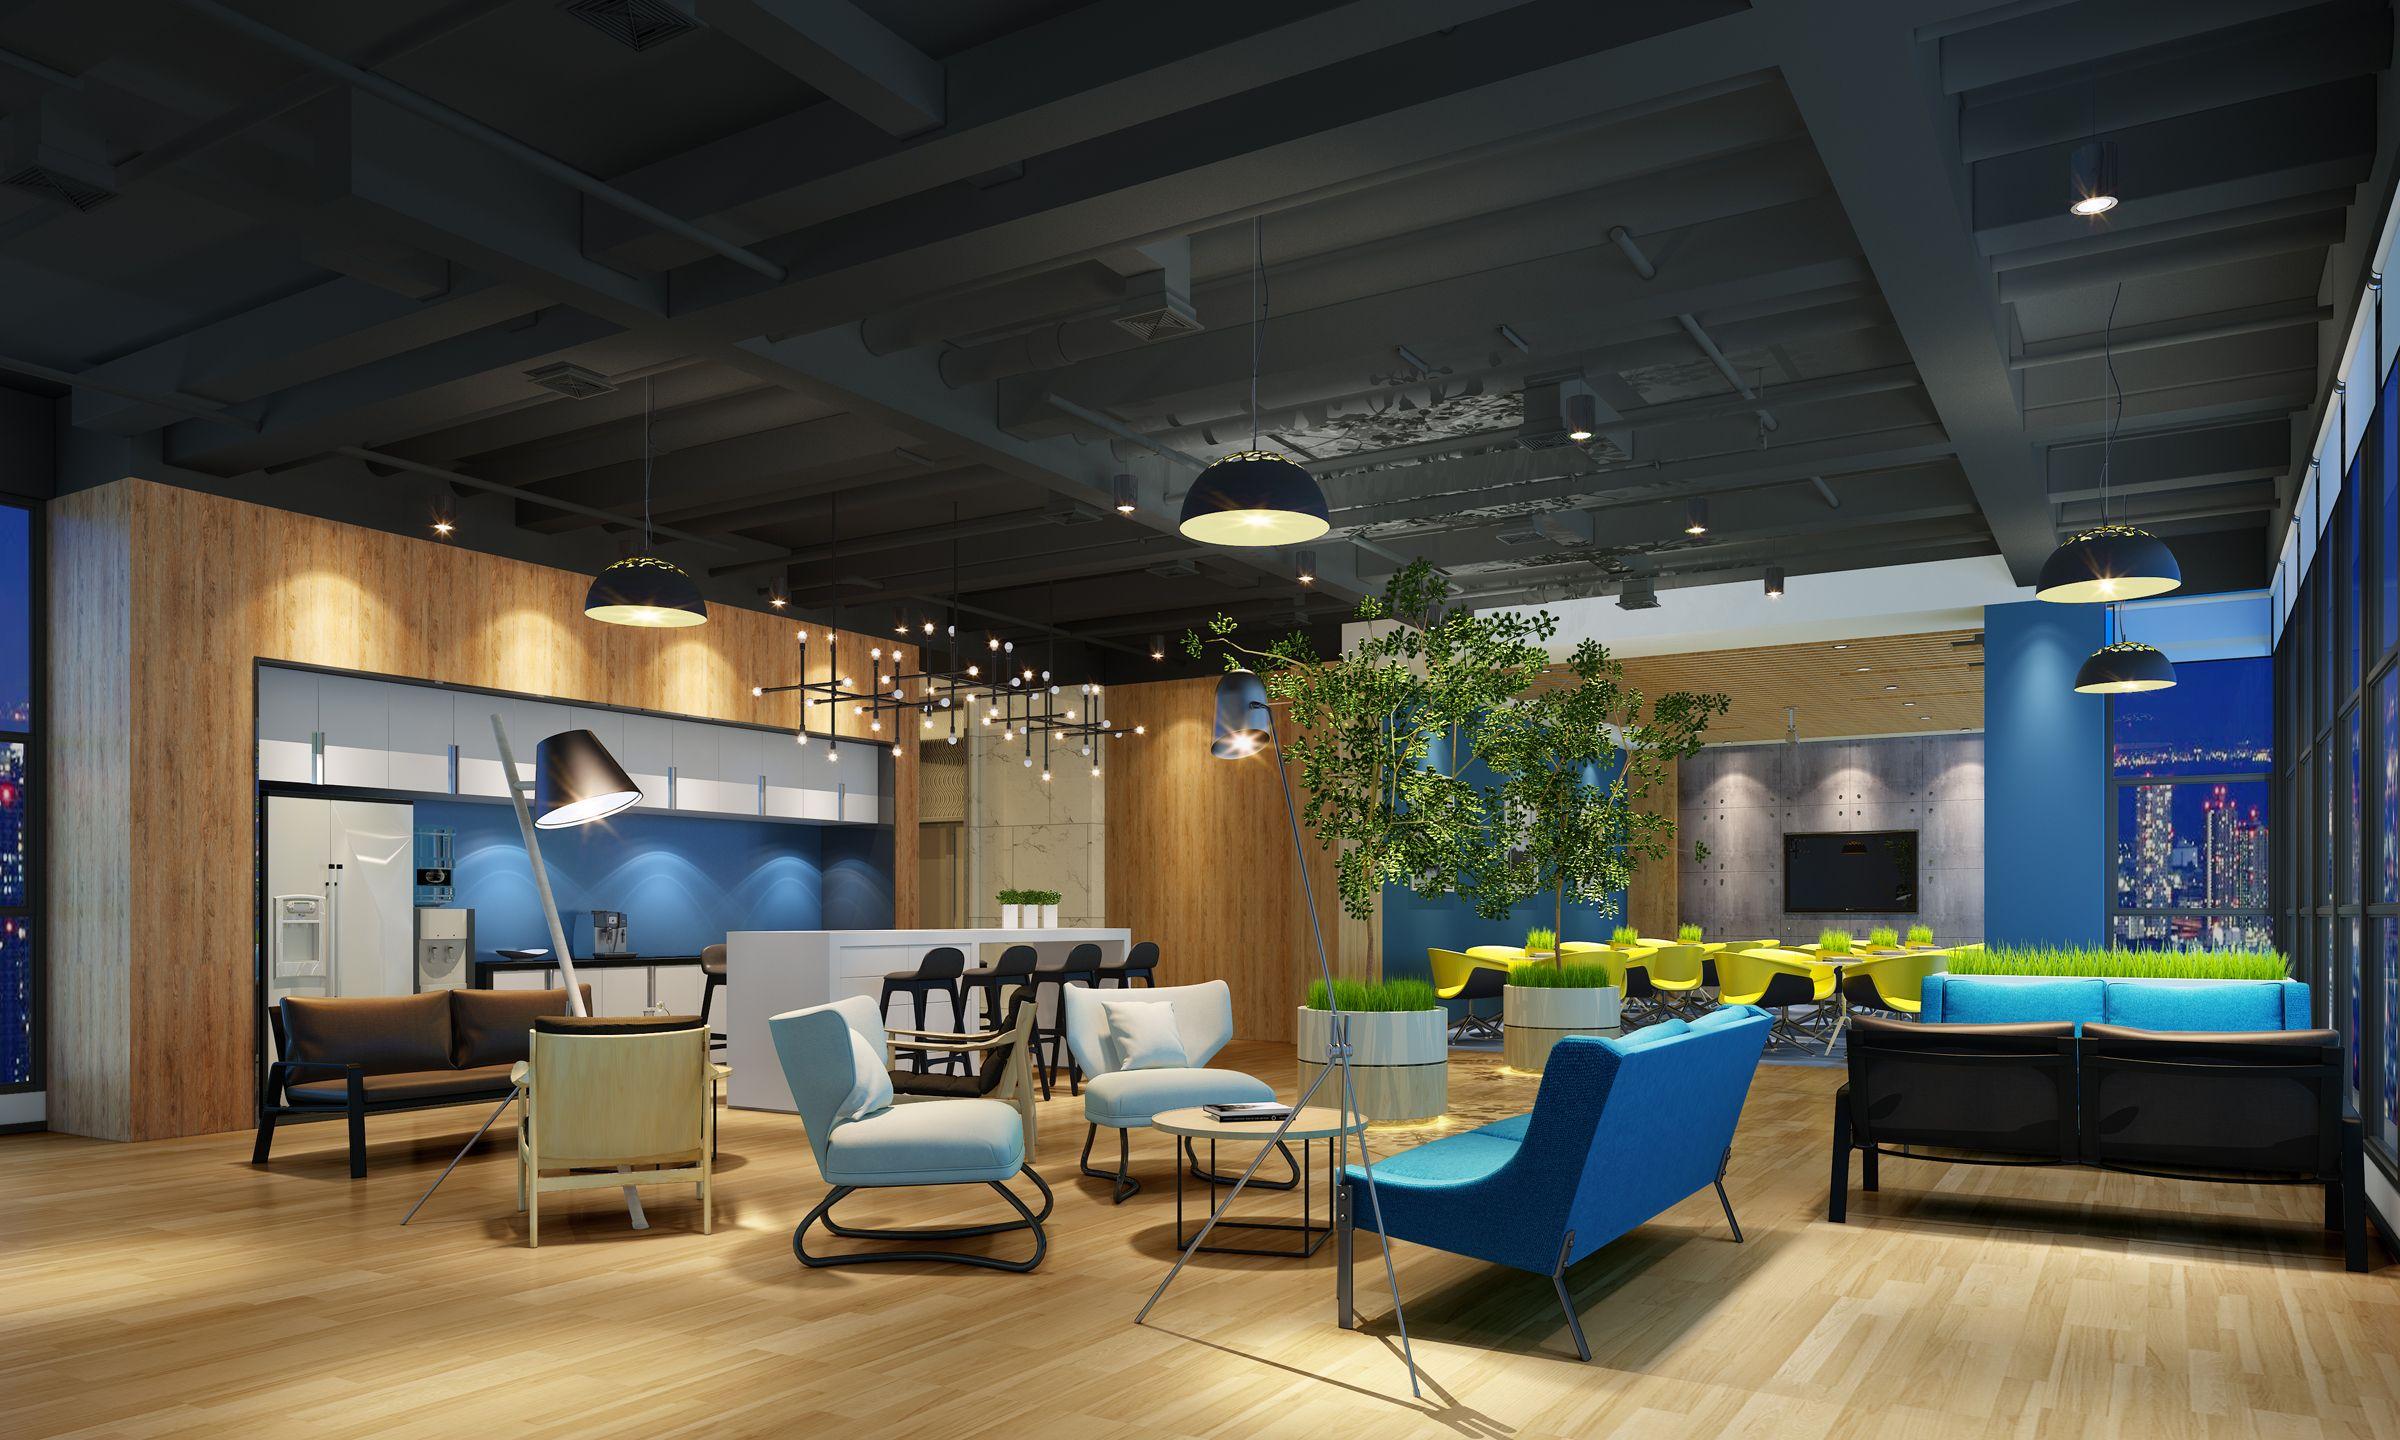 在办公室装修改造前一定要先把中央空调改造平面布置图交与物业公司